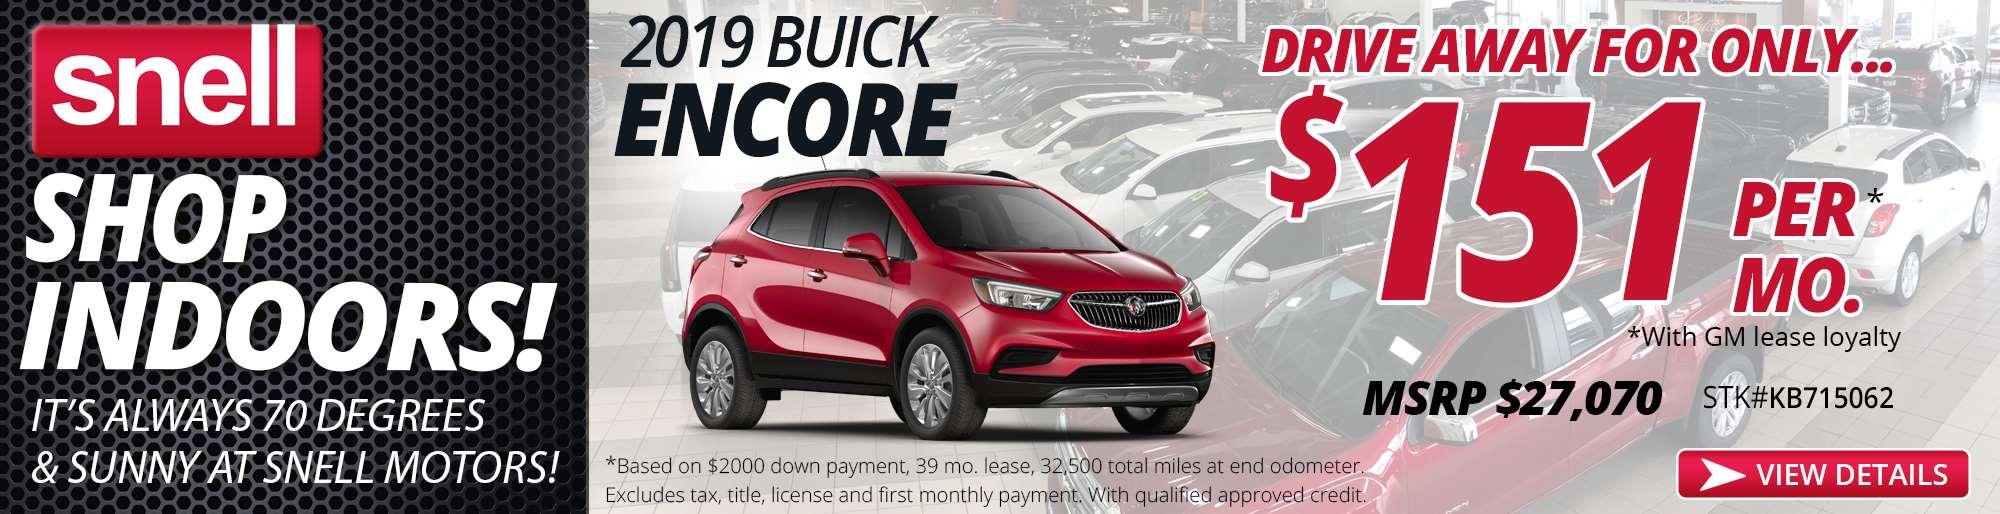 2.15 2019 Buick Encore